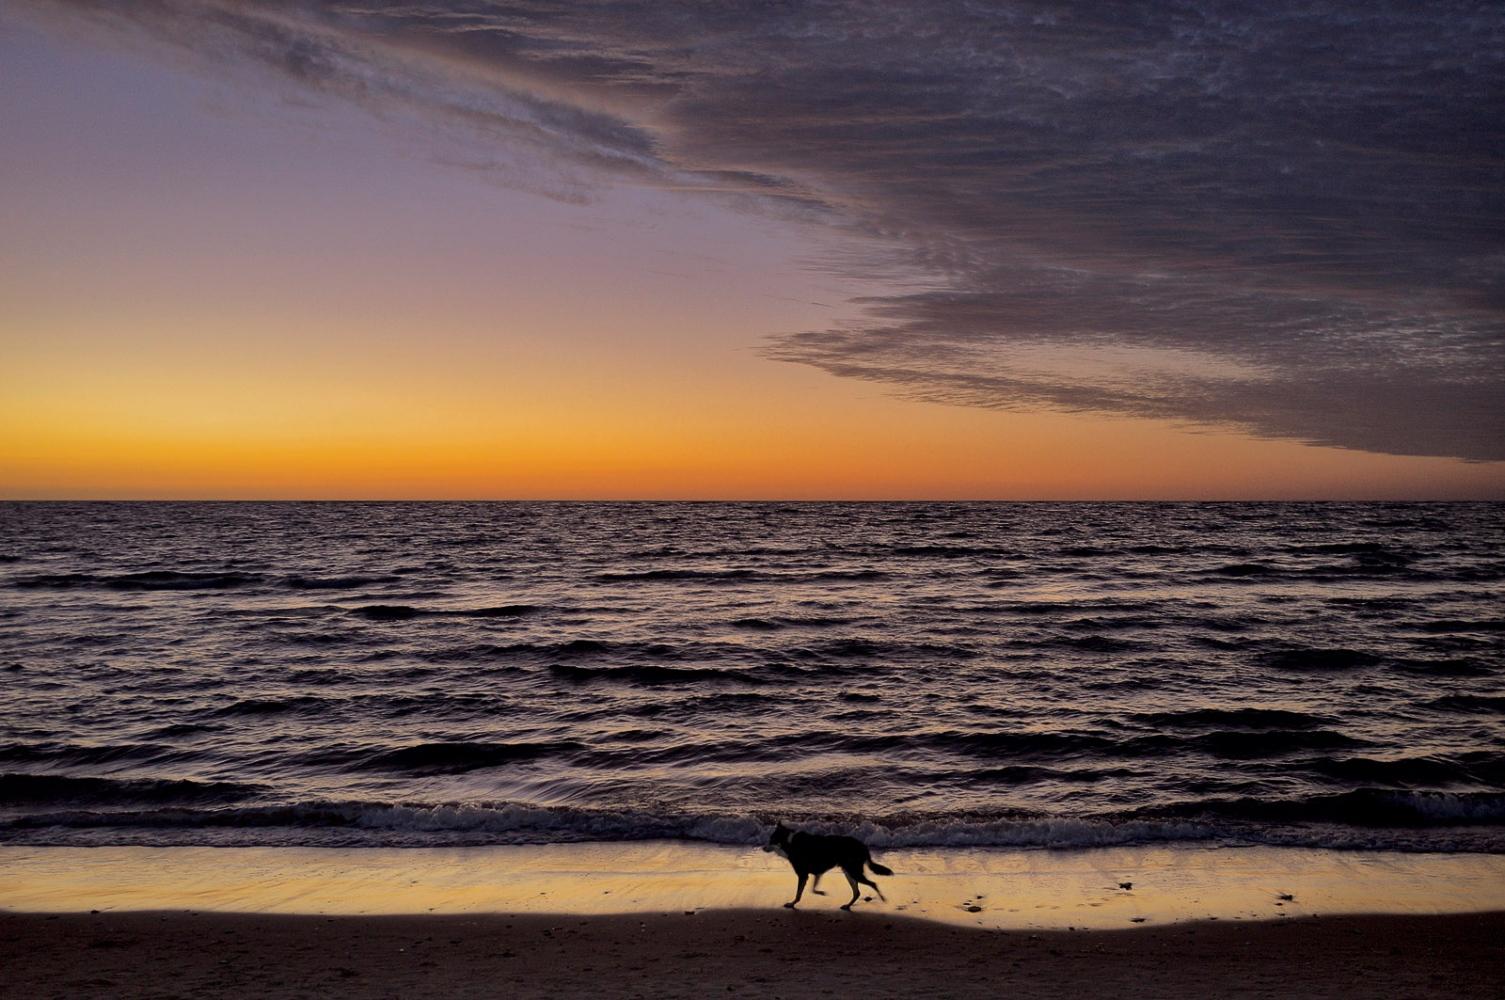 Brighton, South Australia